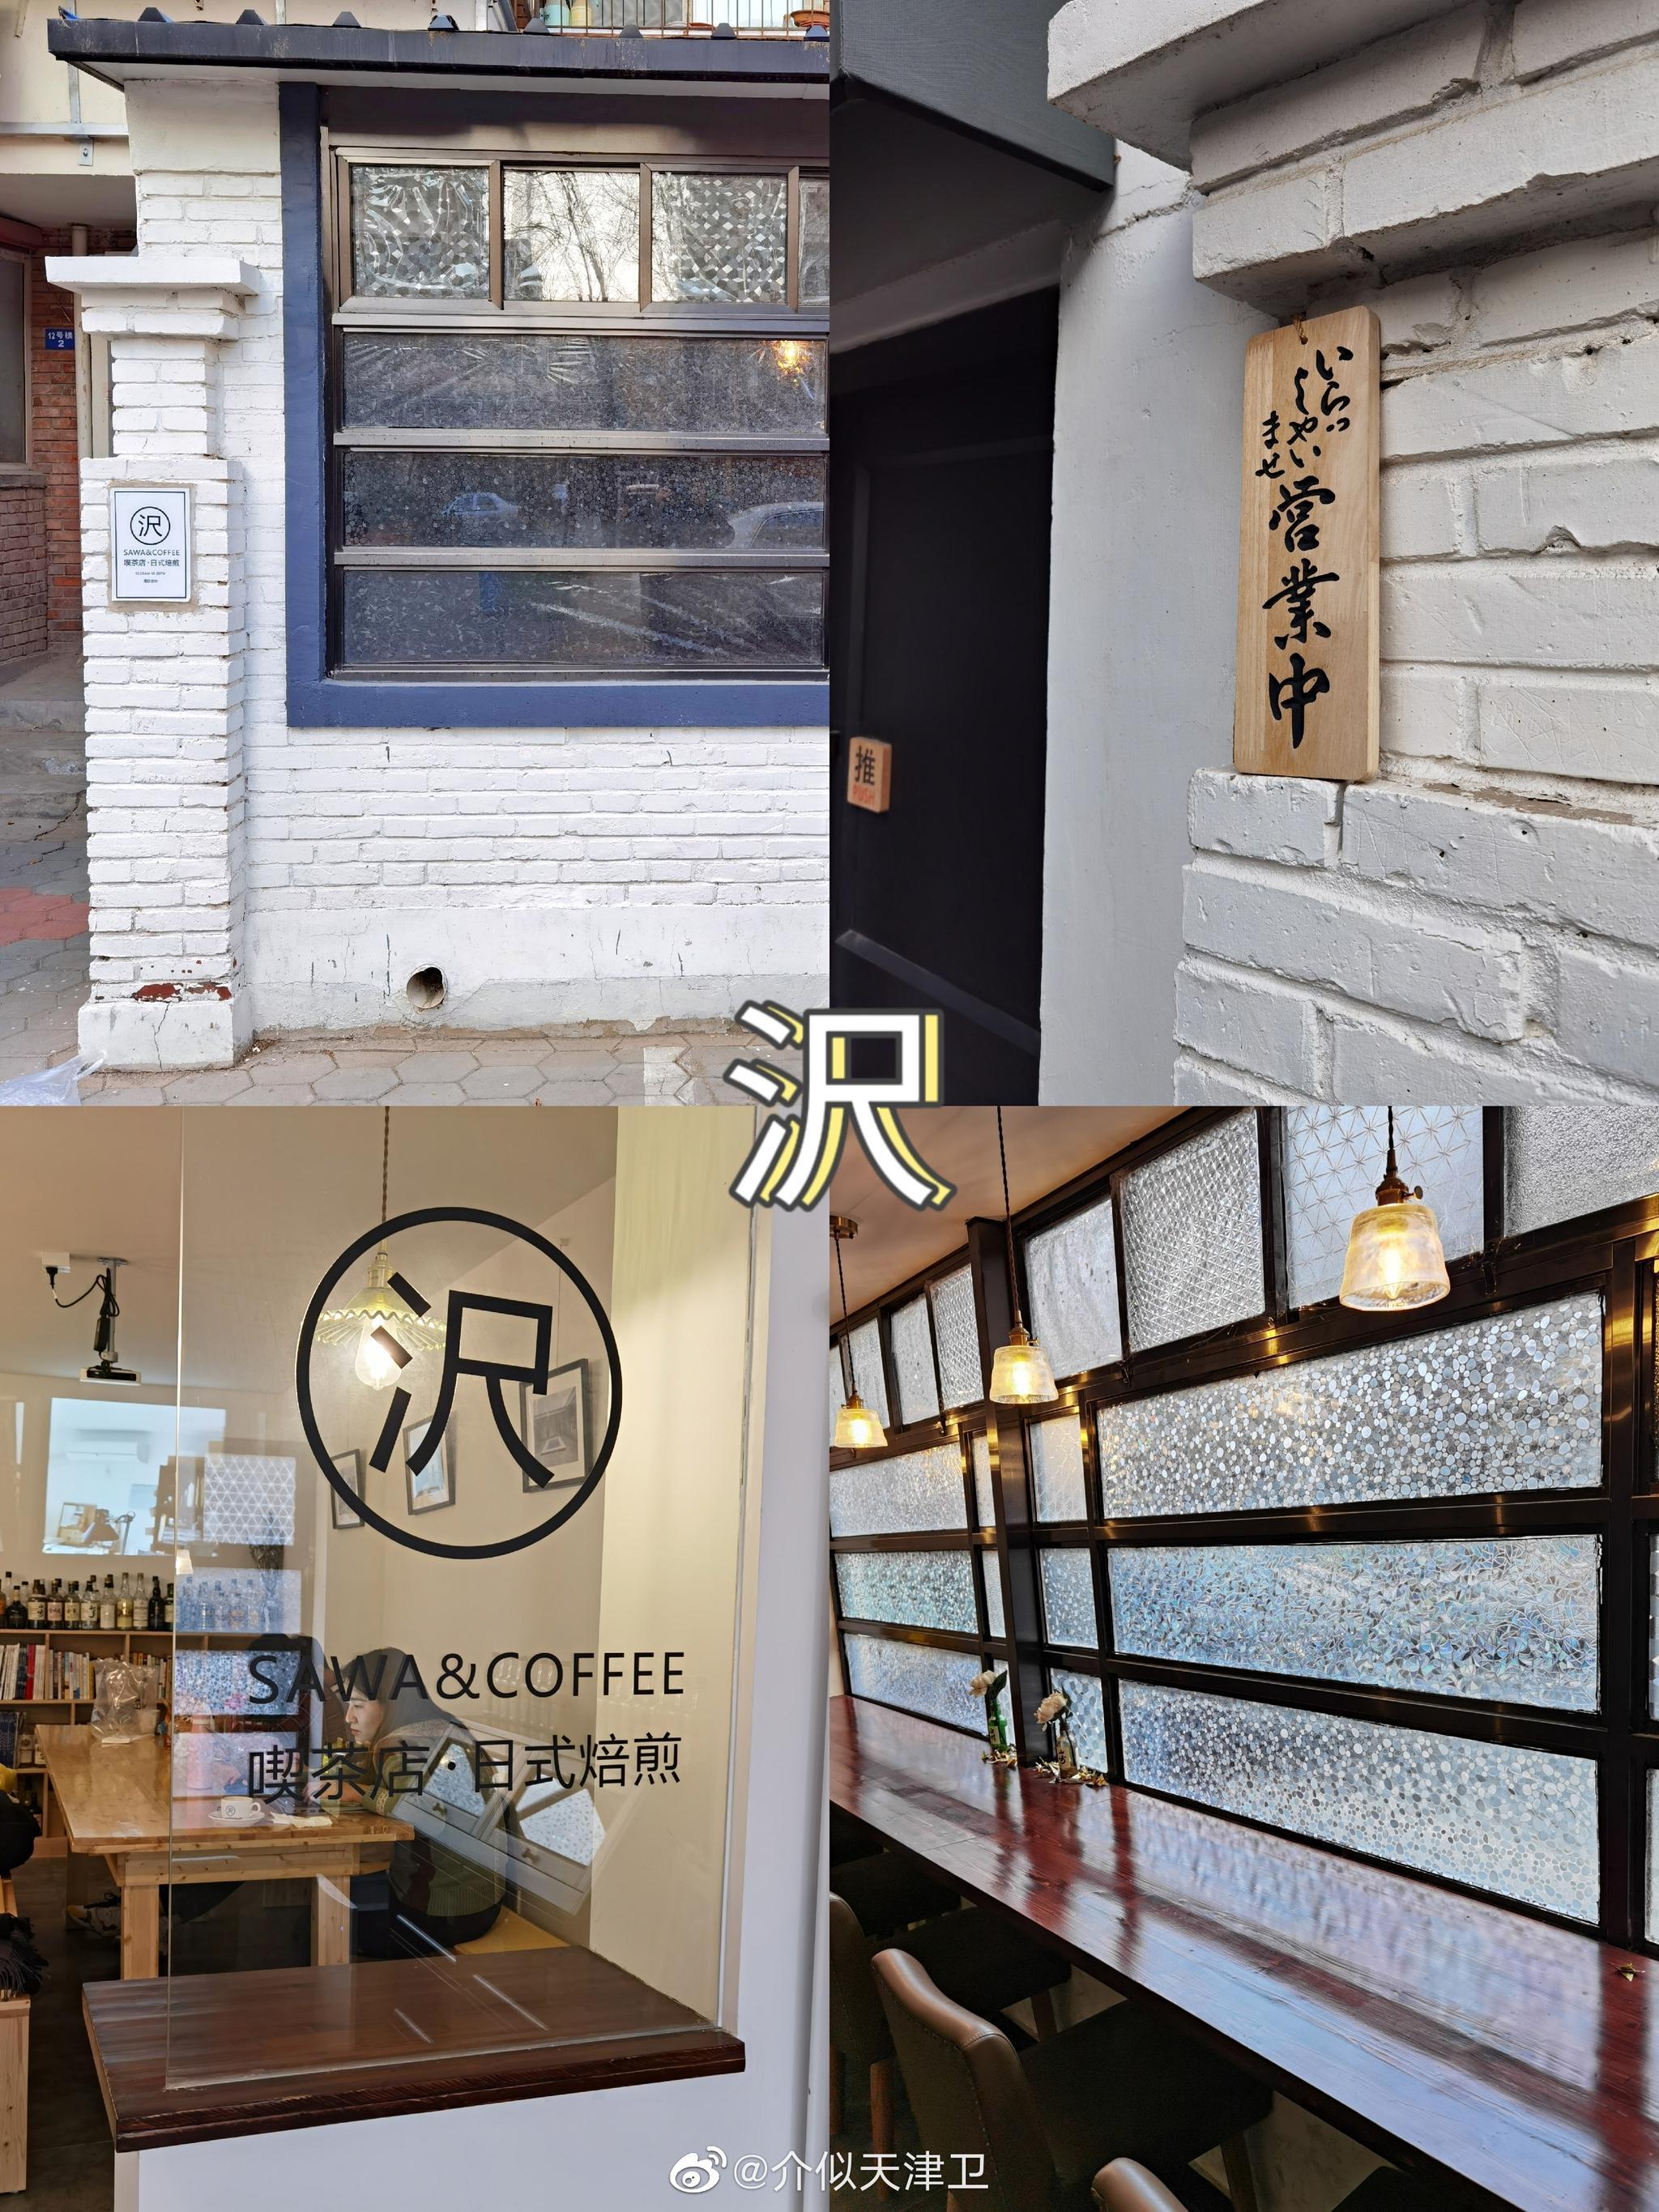 天津这家居民区里的日式复古咖啡馆……